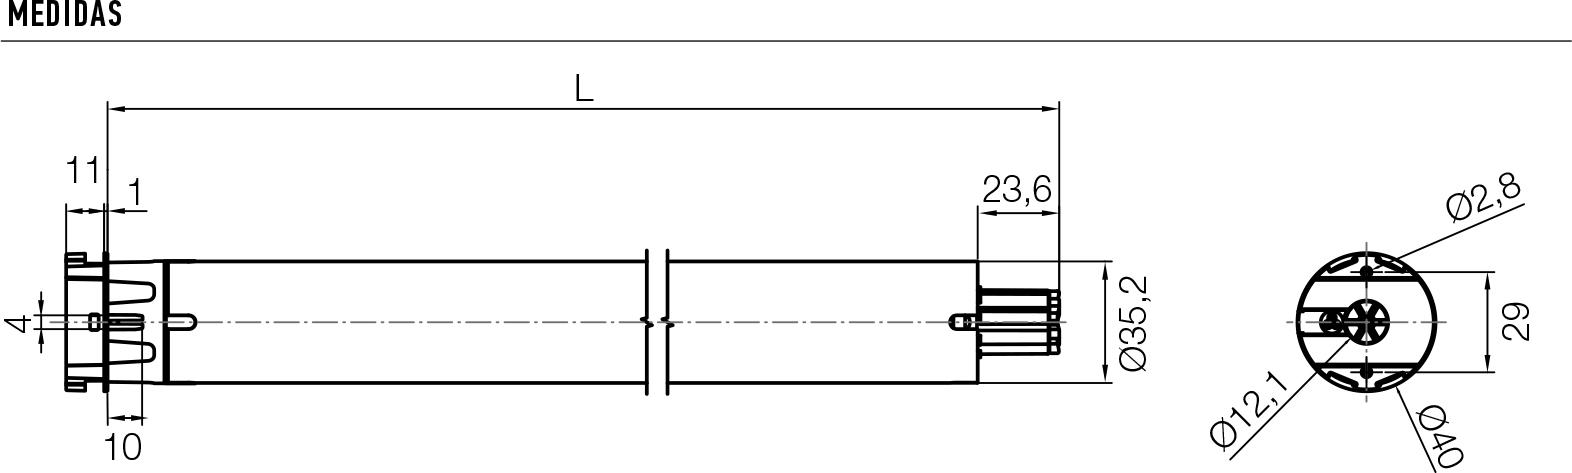 caracteristicas-era-fit-sp-2